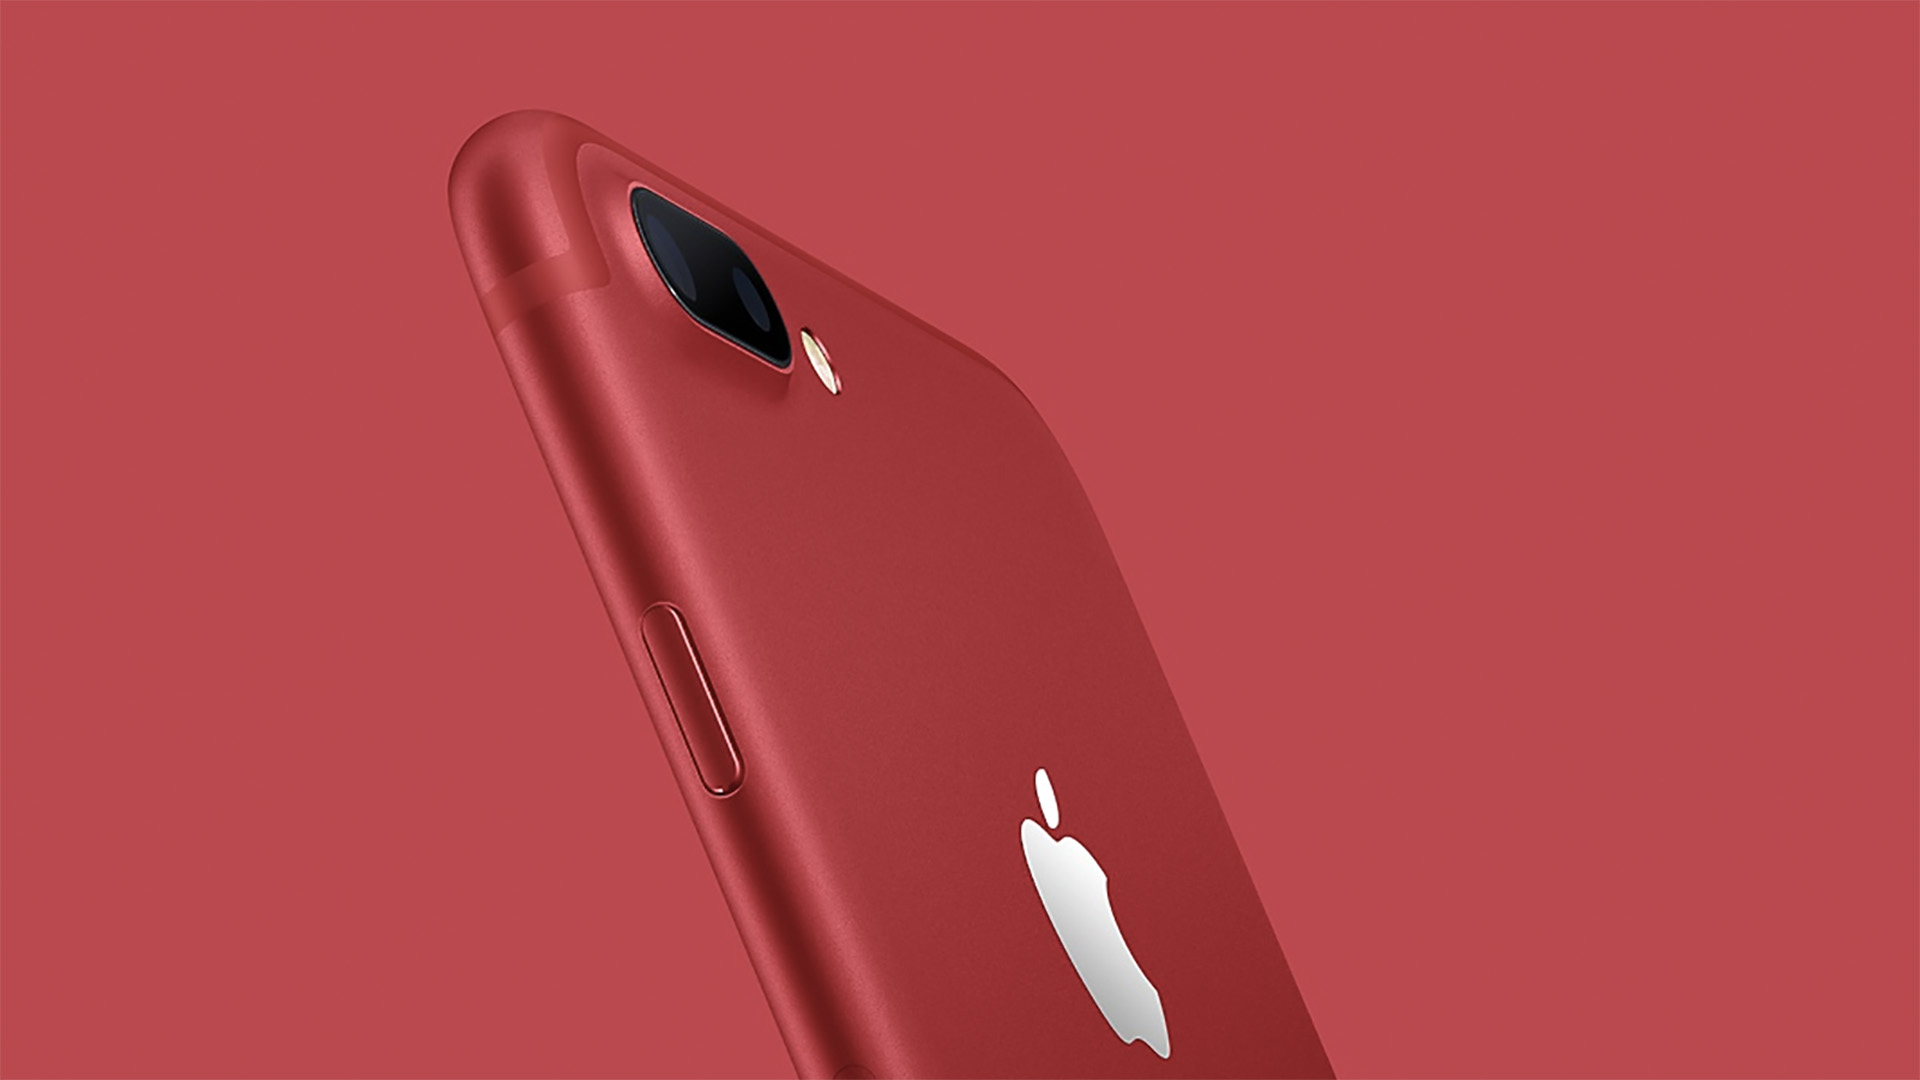 Красный iPhone 8 с черной фронтальной гранью скоро появится в продаже